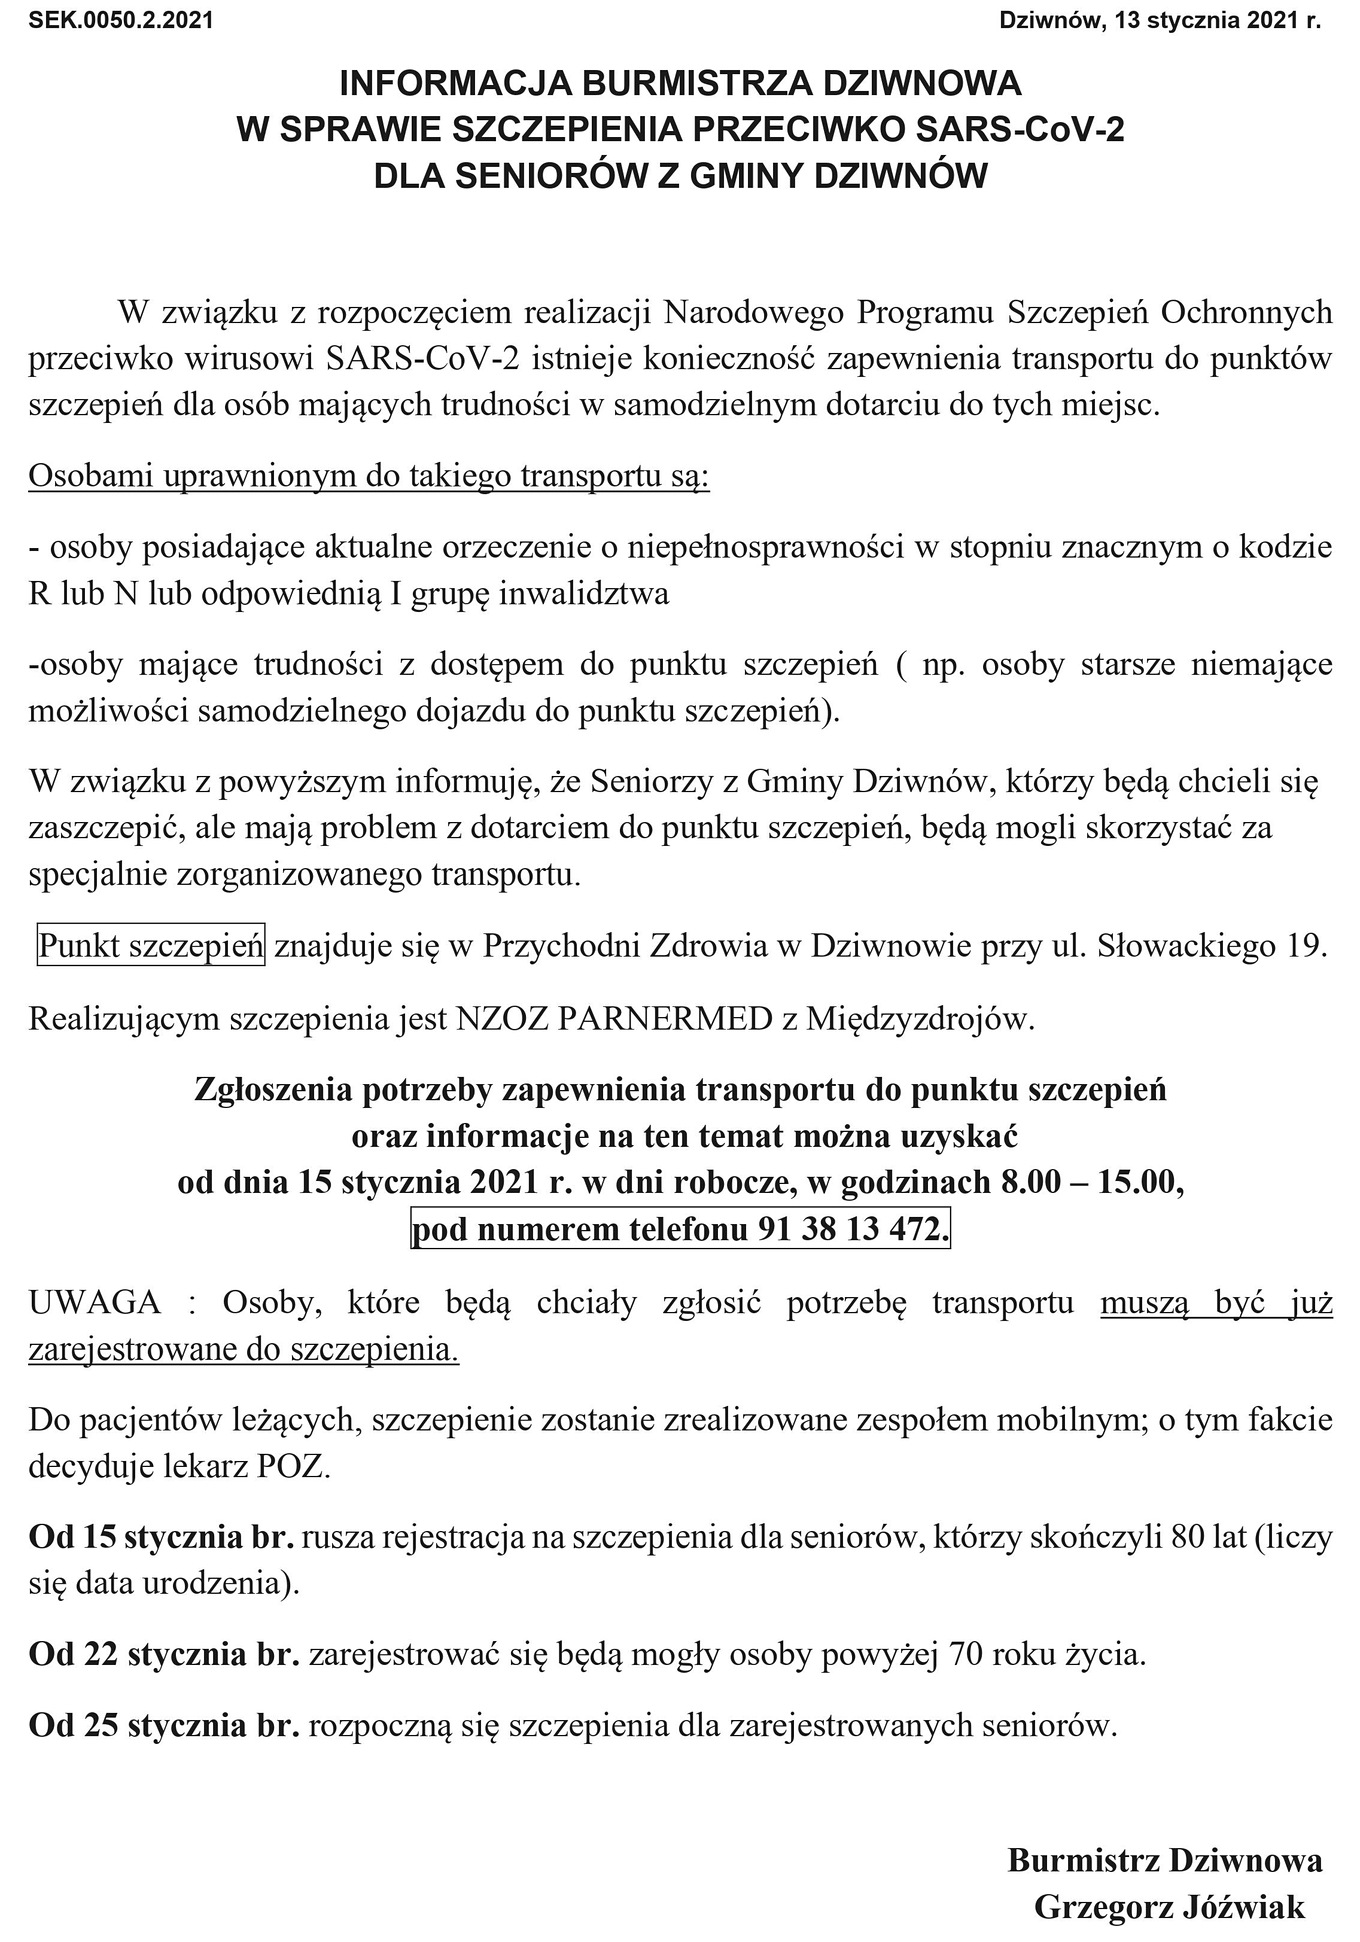 - szczepienia_covid_2021.jpg